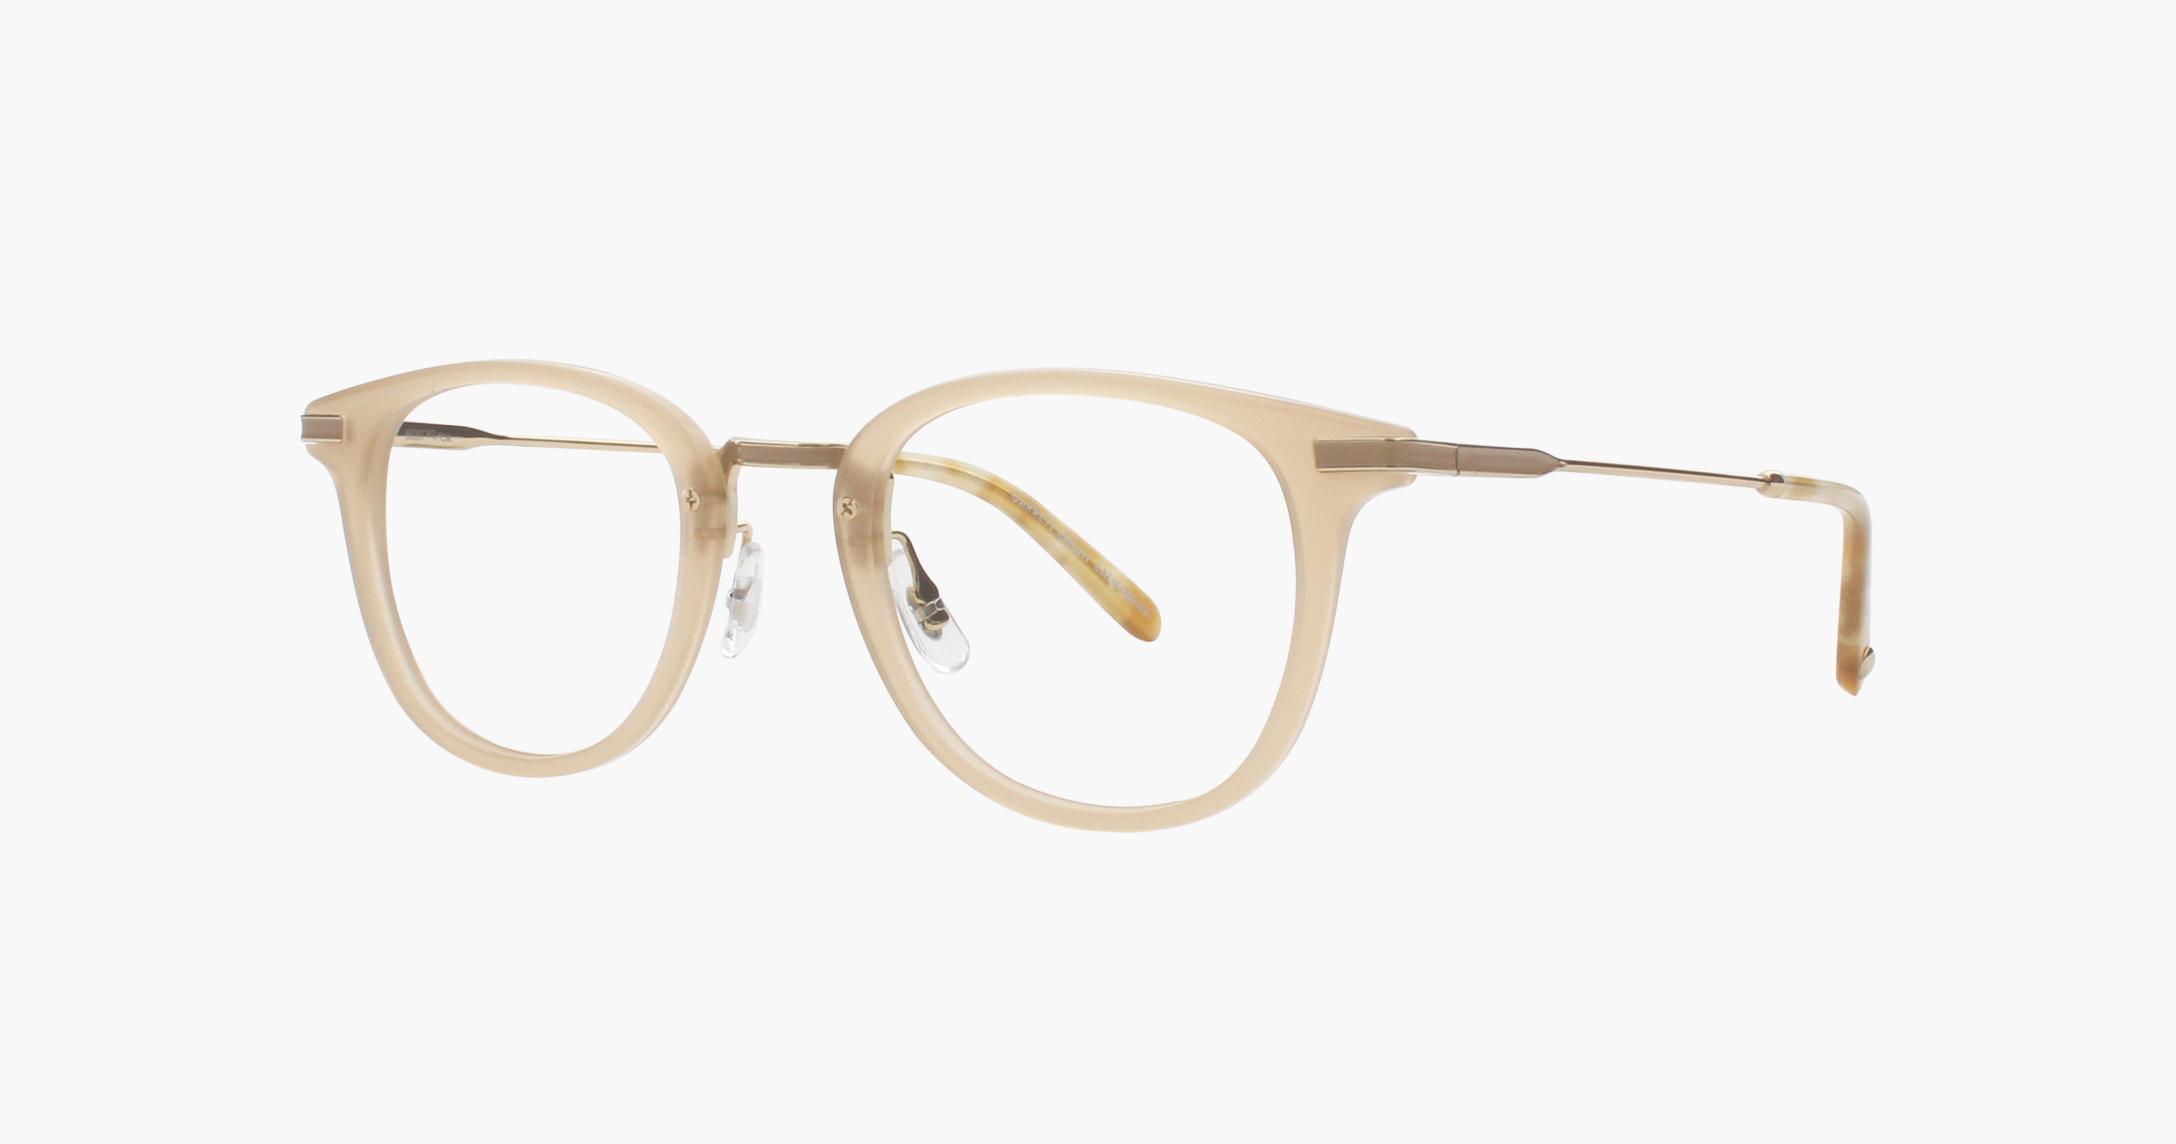 62c99d42d11 Kinney Combo - Eyeglasses